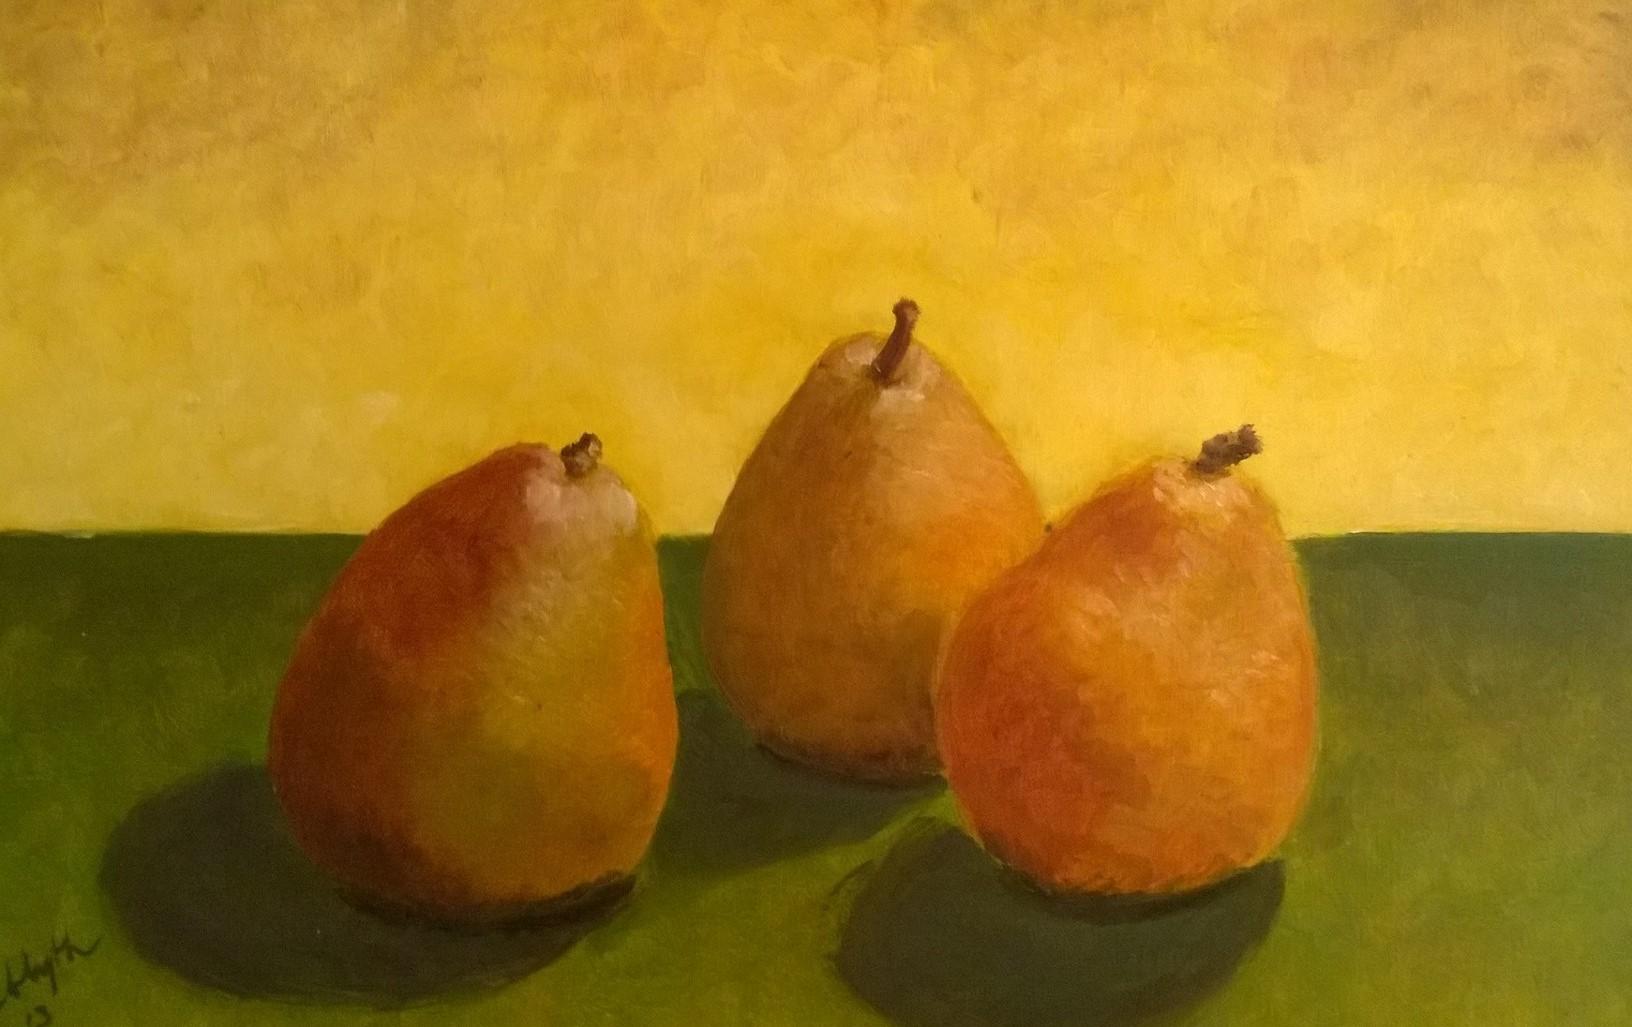 Three Happy Pears